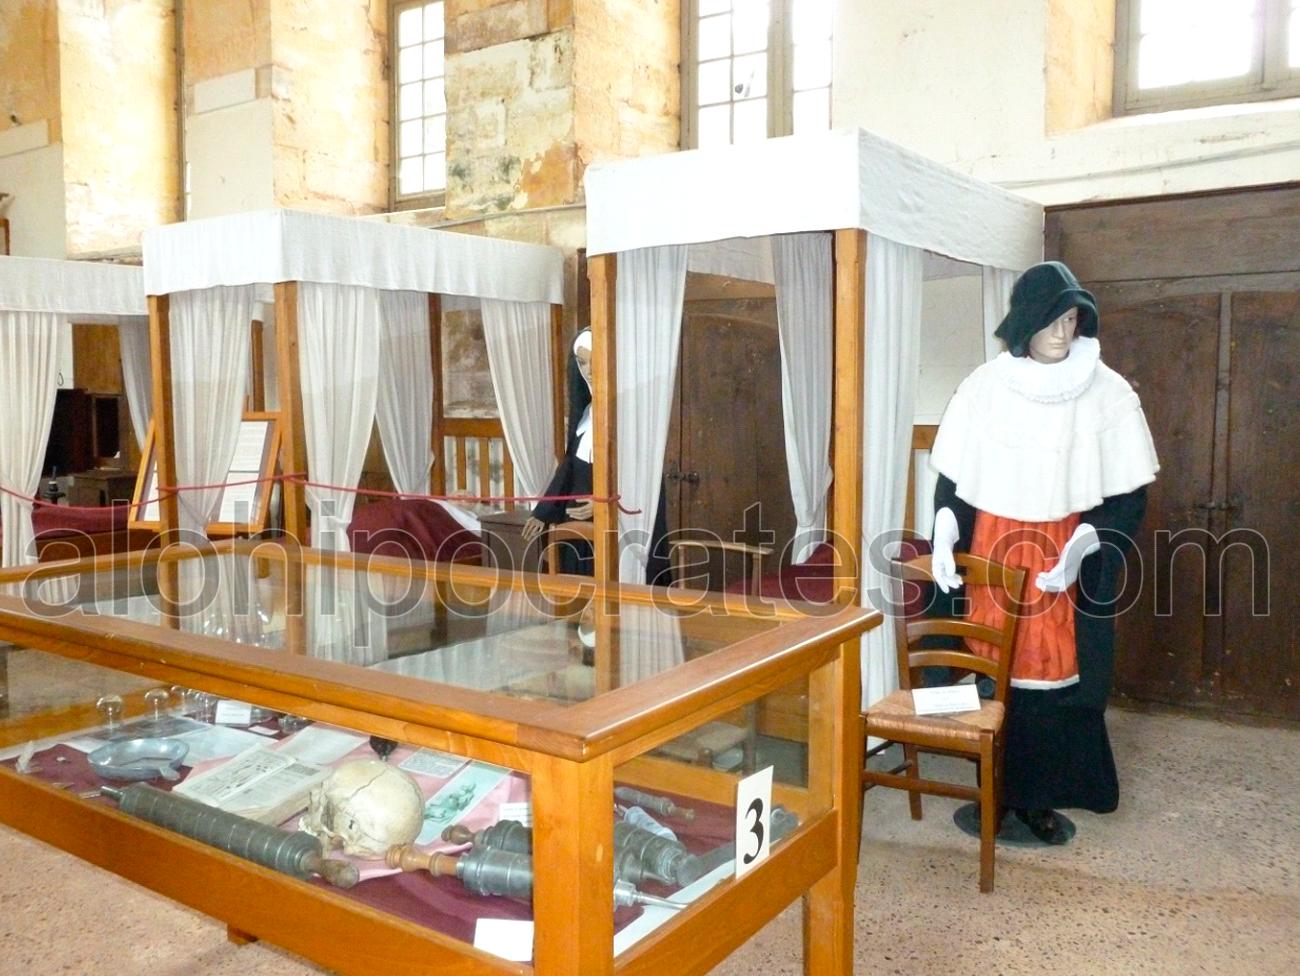 Museu História Medicina Hautefort